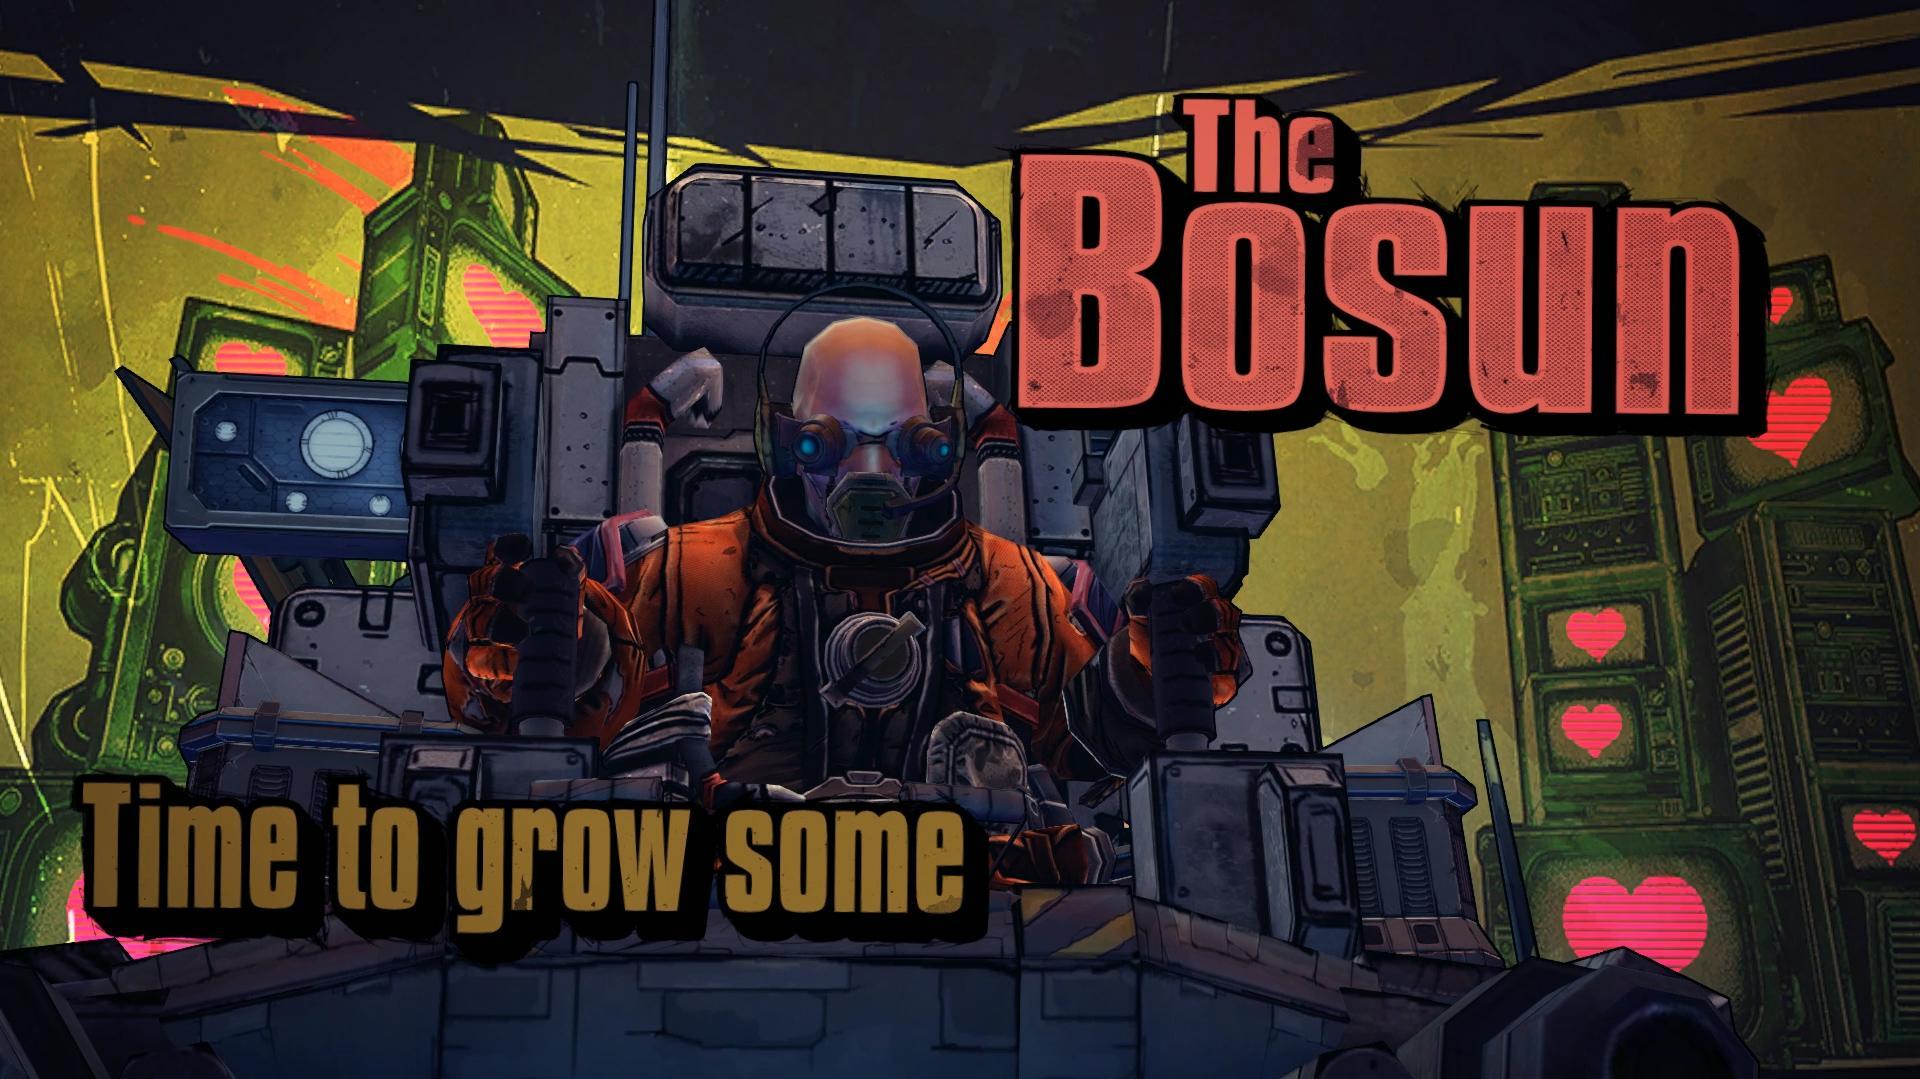 The Bosun